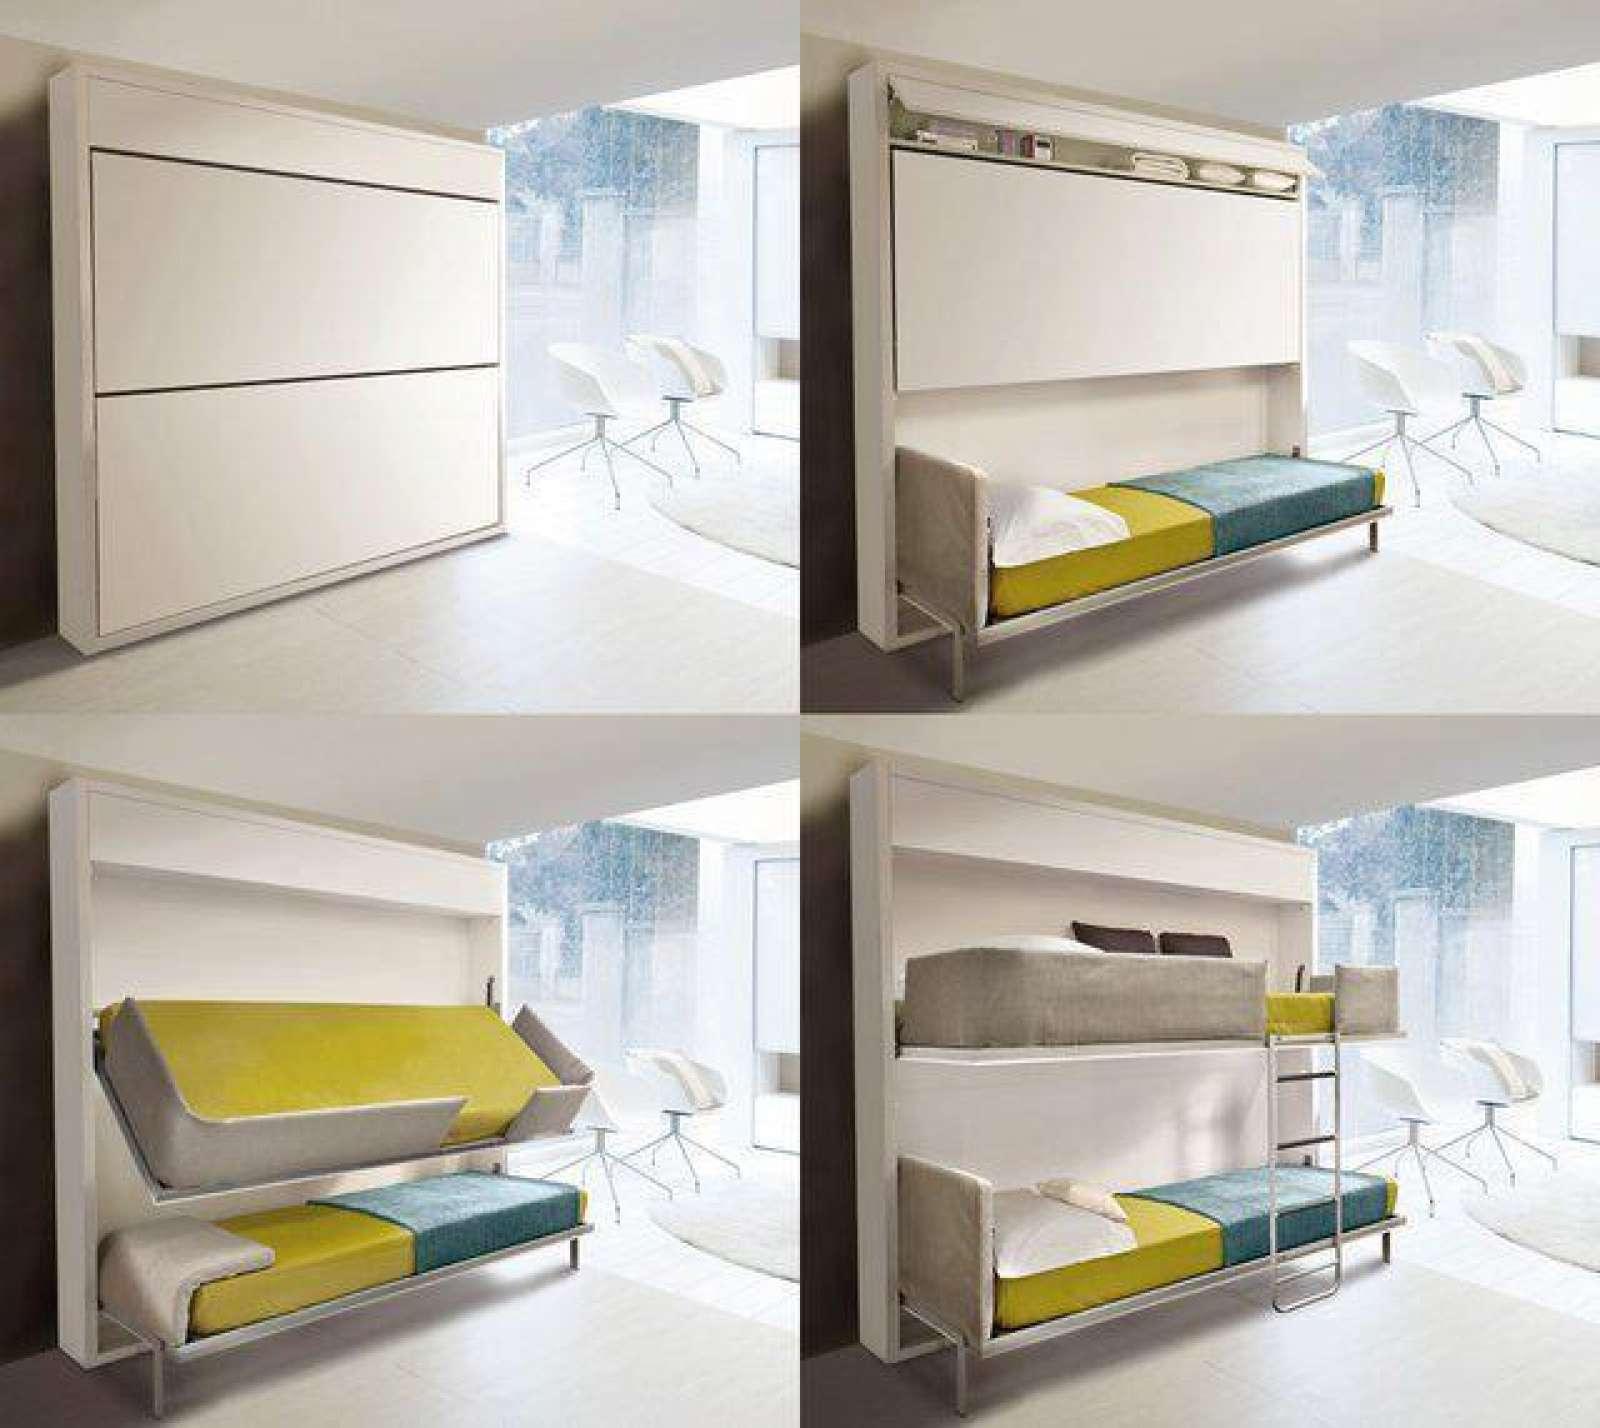 Fancy bunk beds interior design on cheapretail.biz.